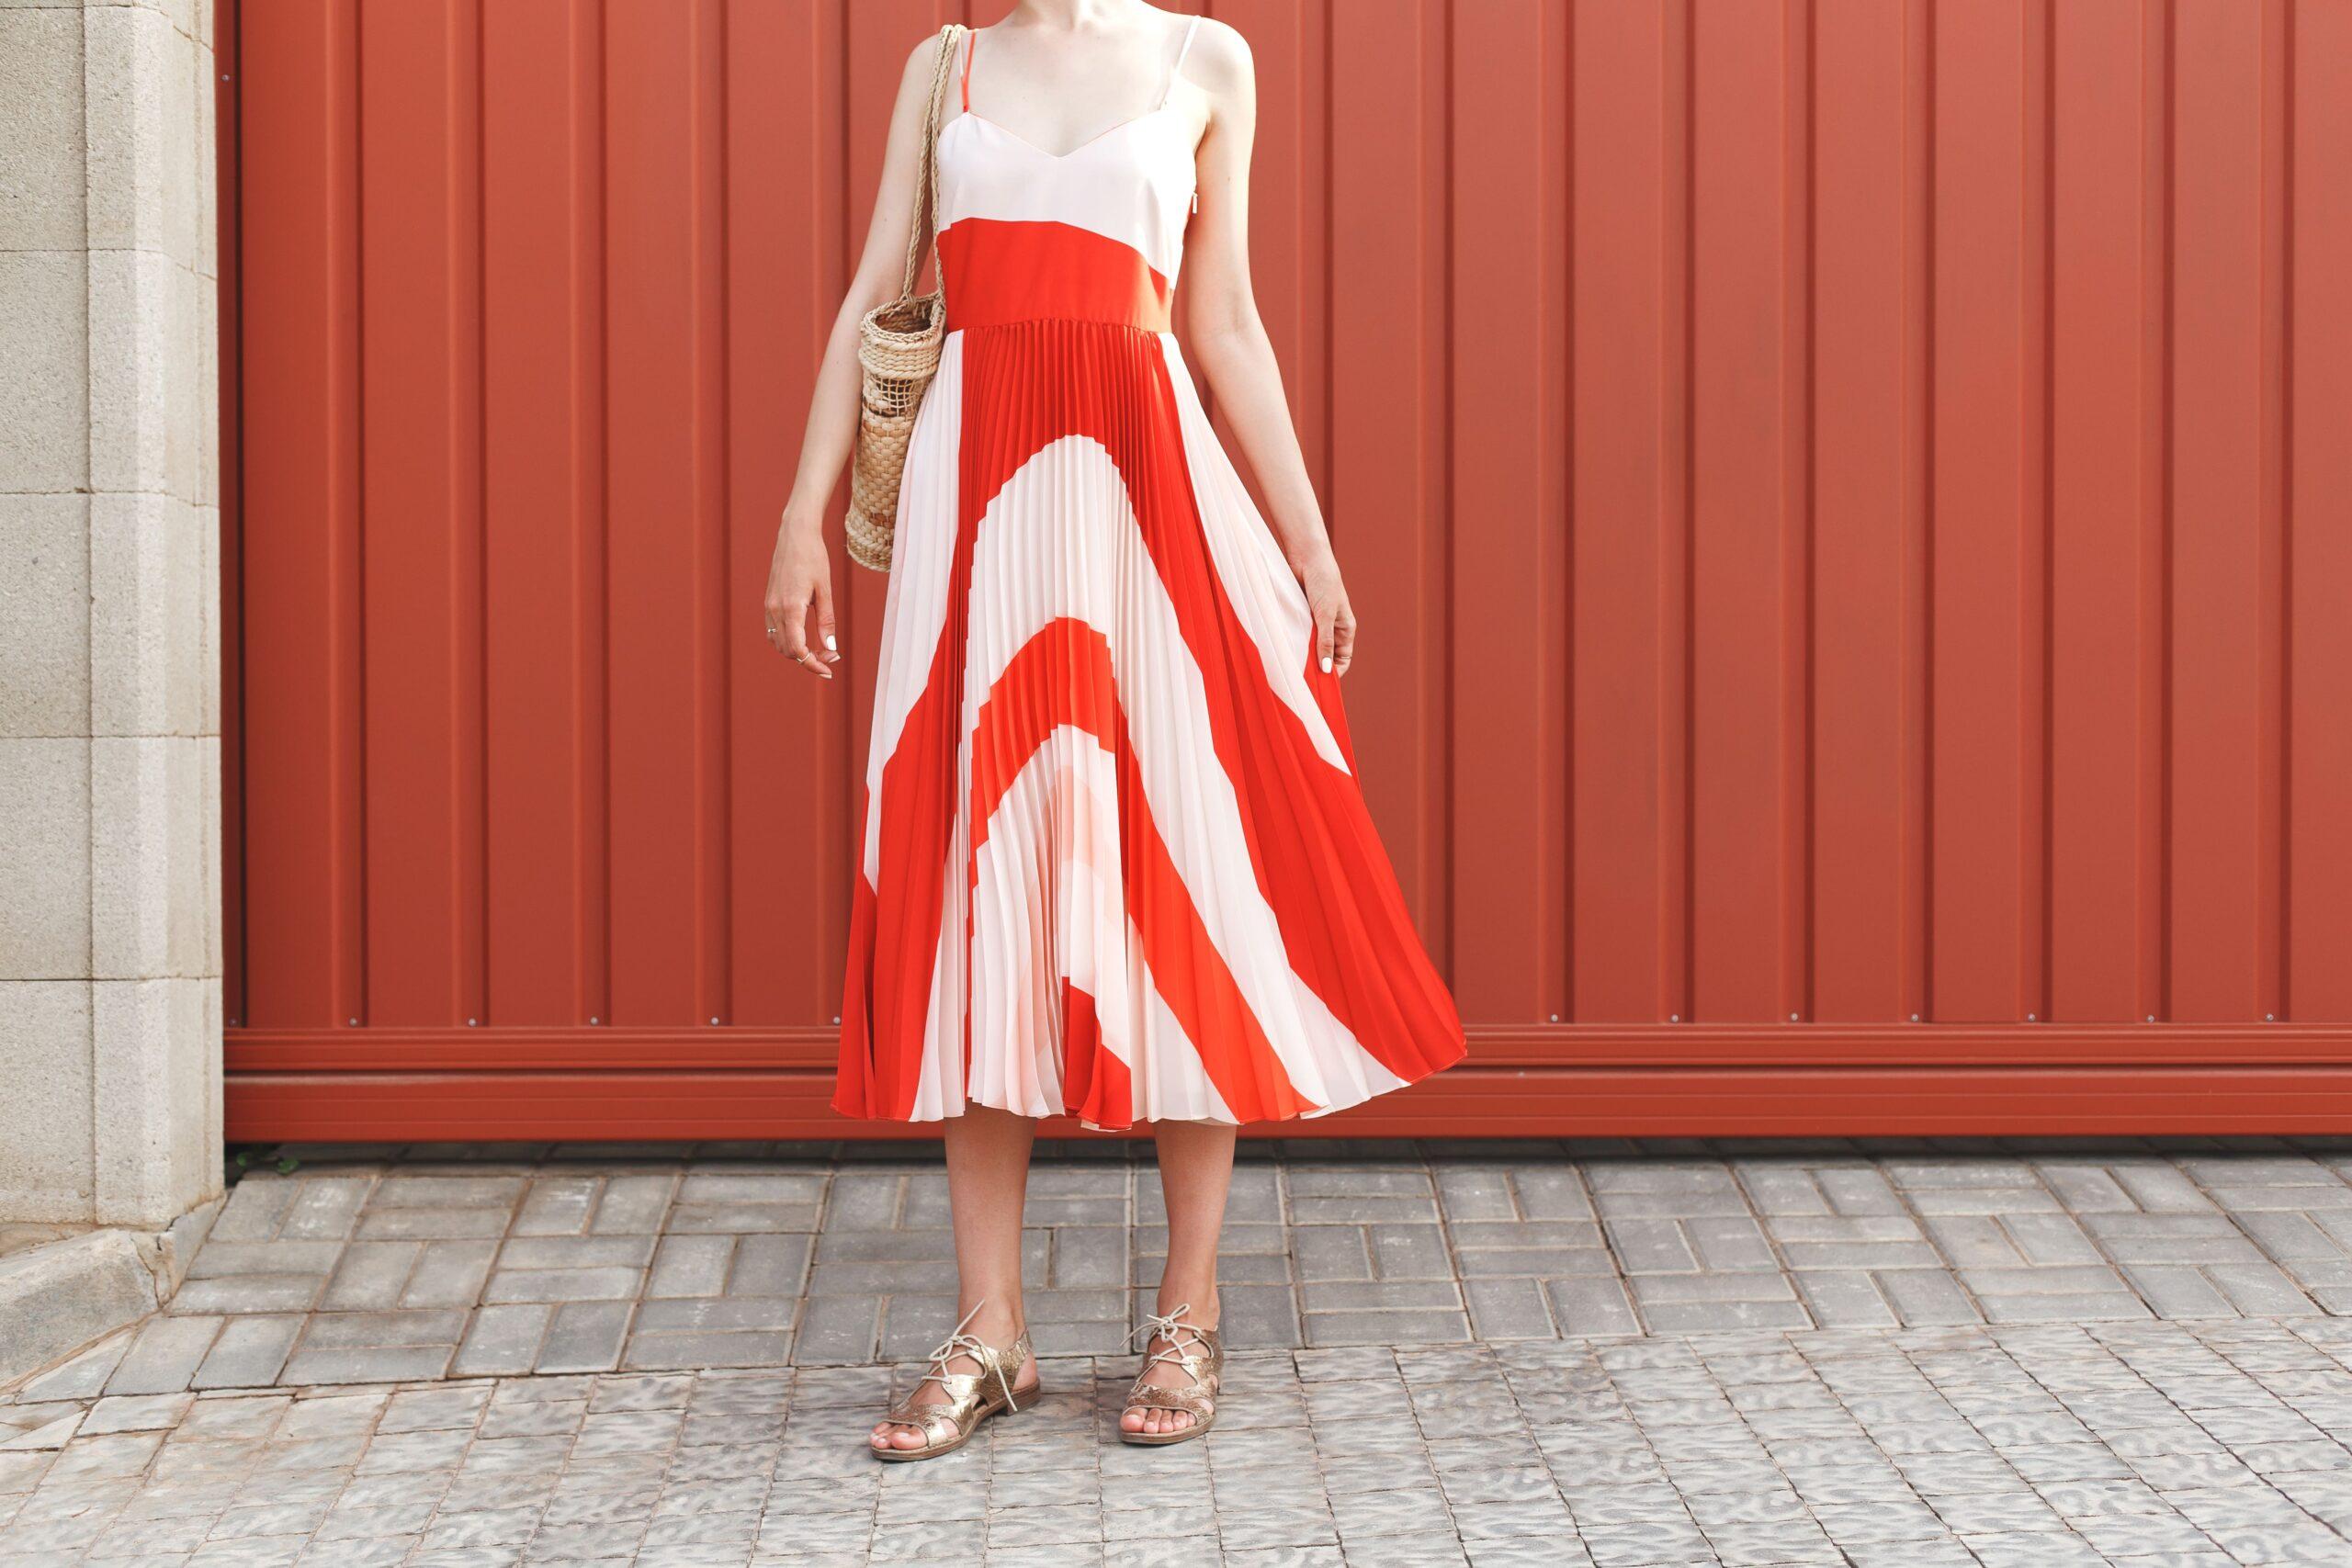 Pe Lavis.ro poti gasi sandale din piele naturala de dama ce poate fi asortata stilului tau casual